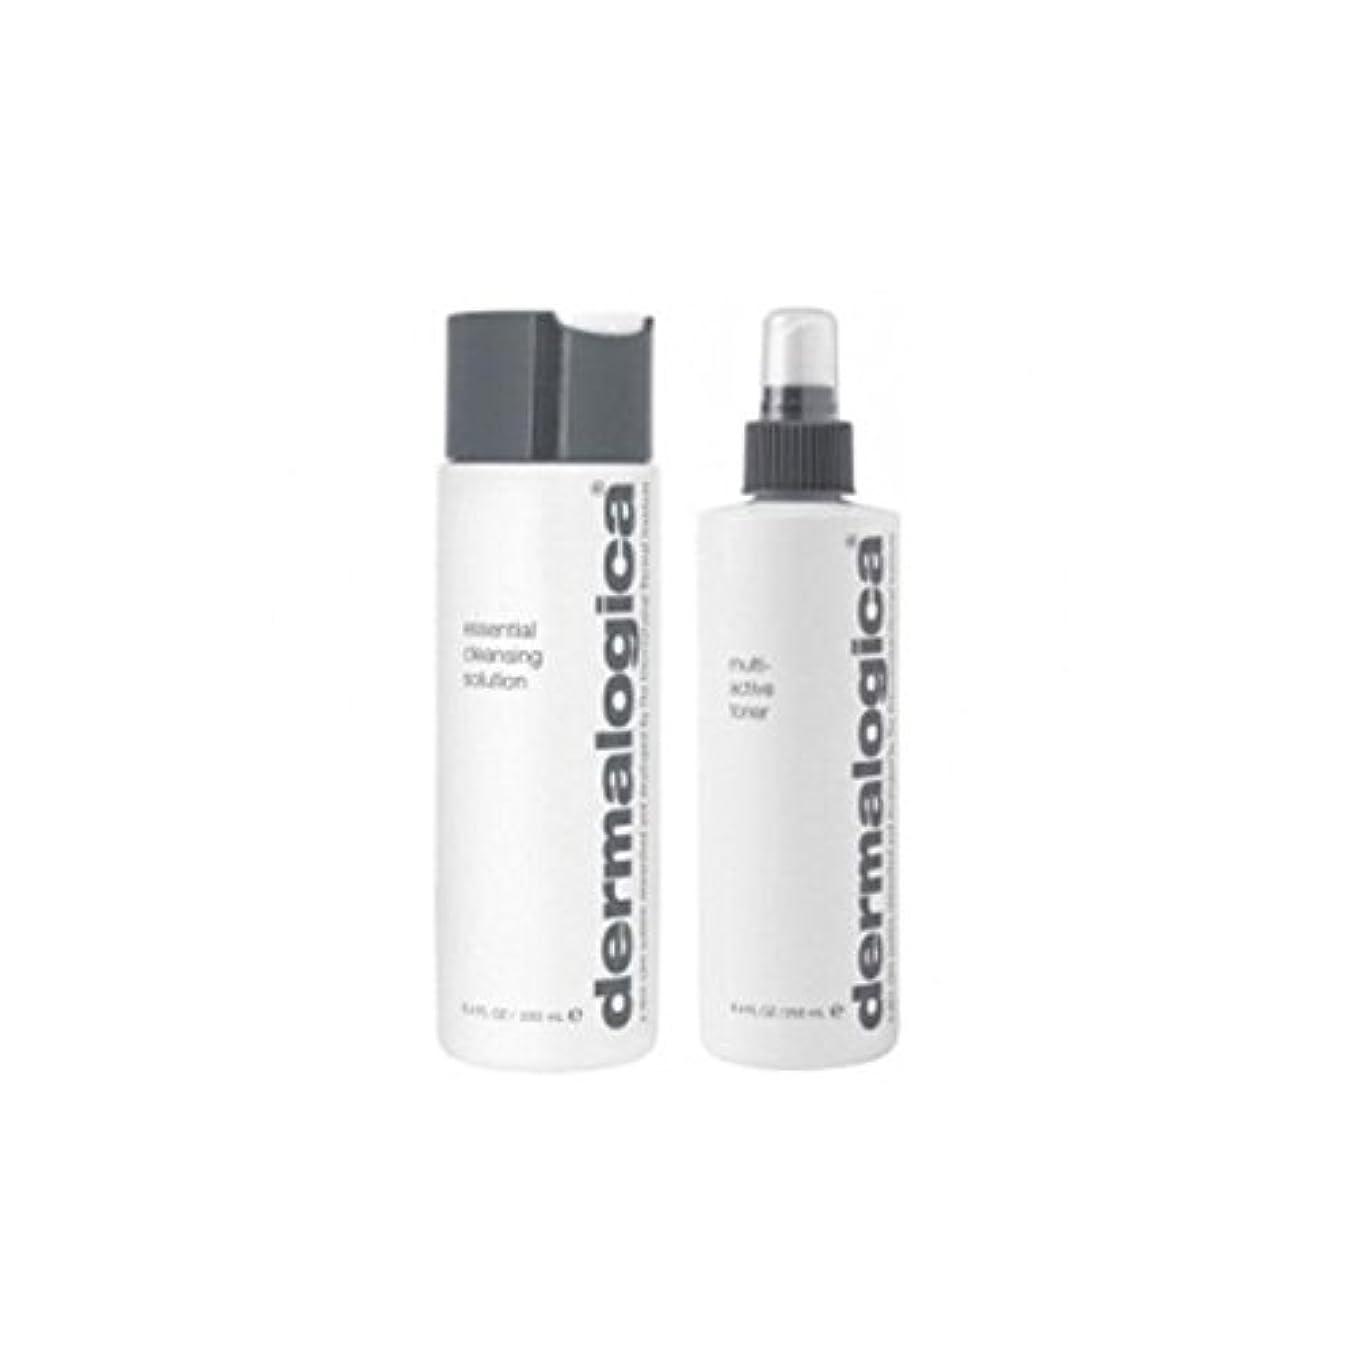 ペンダントクリーナーディーラーダーマロジカクレンジング&トーンデュオ - 乾燥肌 x4 - Dermalogica Cleanse & Tone Duo - Dry Skin (Pack of 4) [並行輸入品]